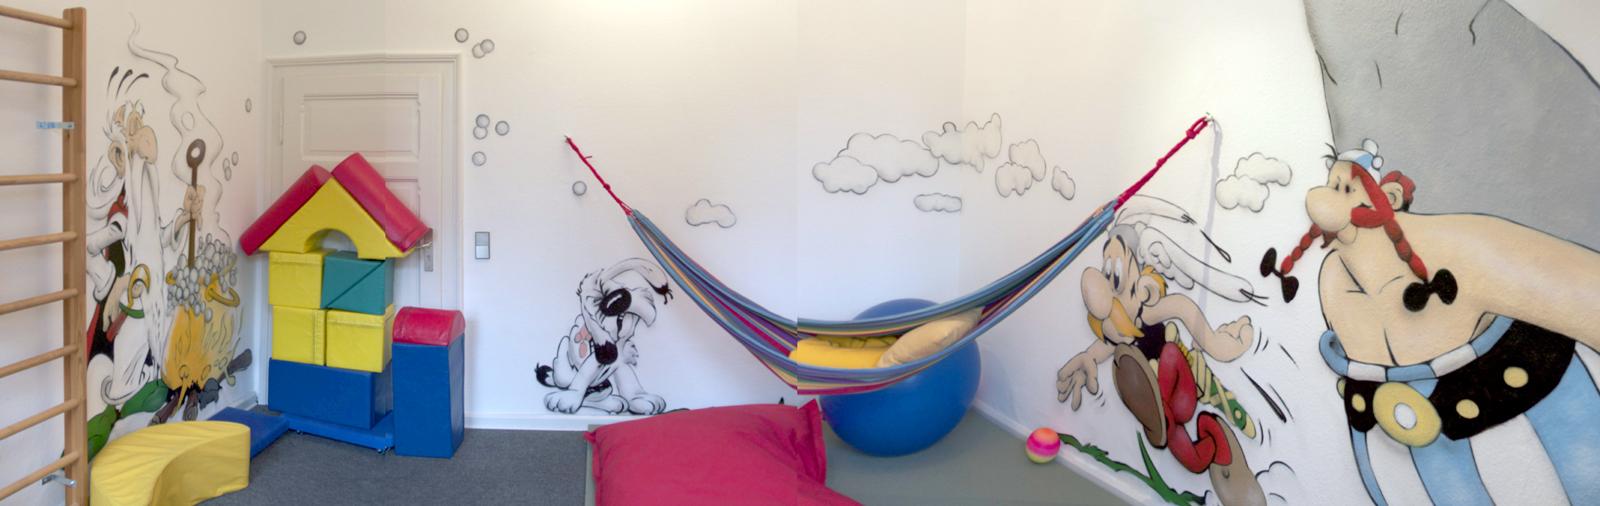 Asterix & Obelix | Graffiti